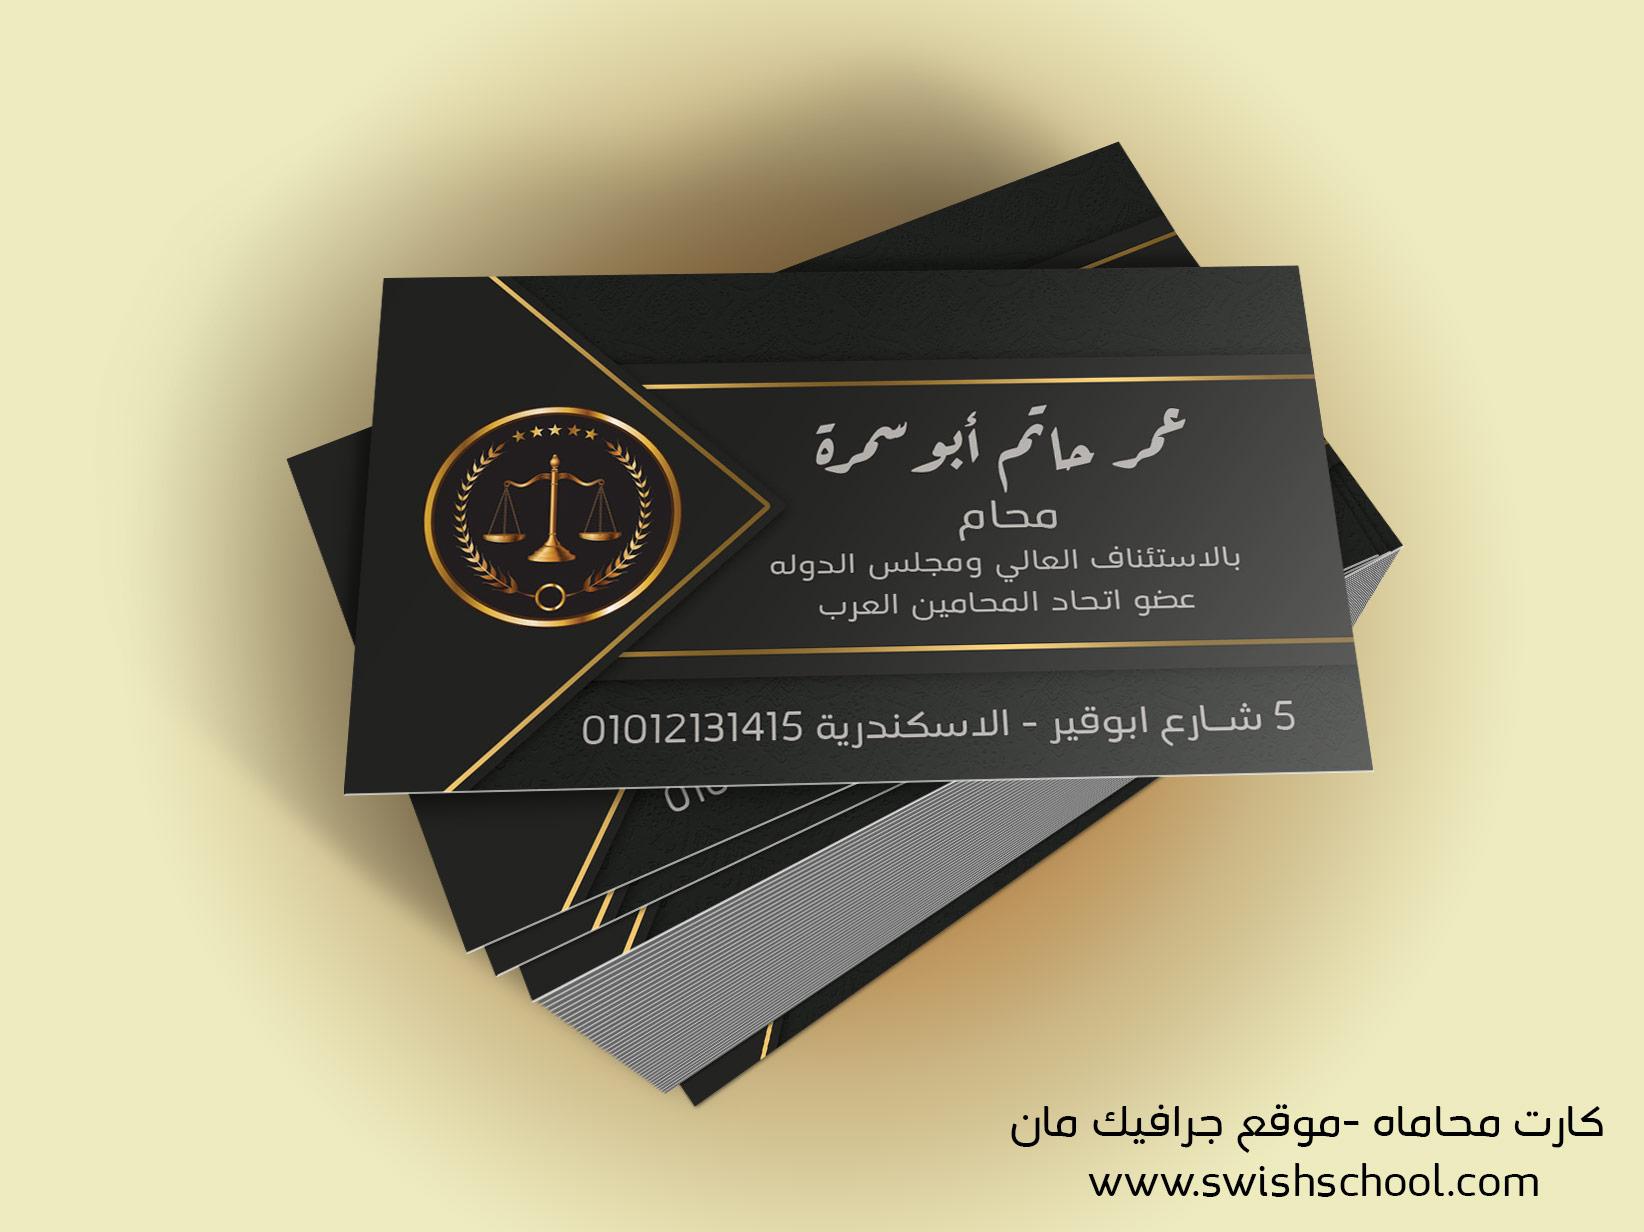 كارت محاماه موقع جرافيك مان www.swishschool.com  كارت بزنس محامي وشعار القضاء psd